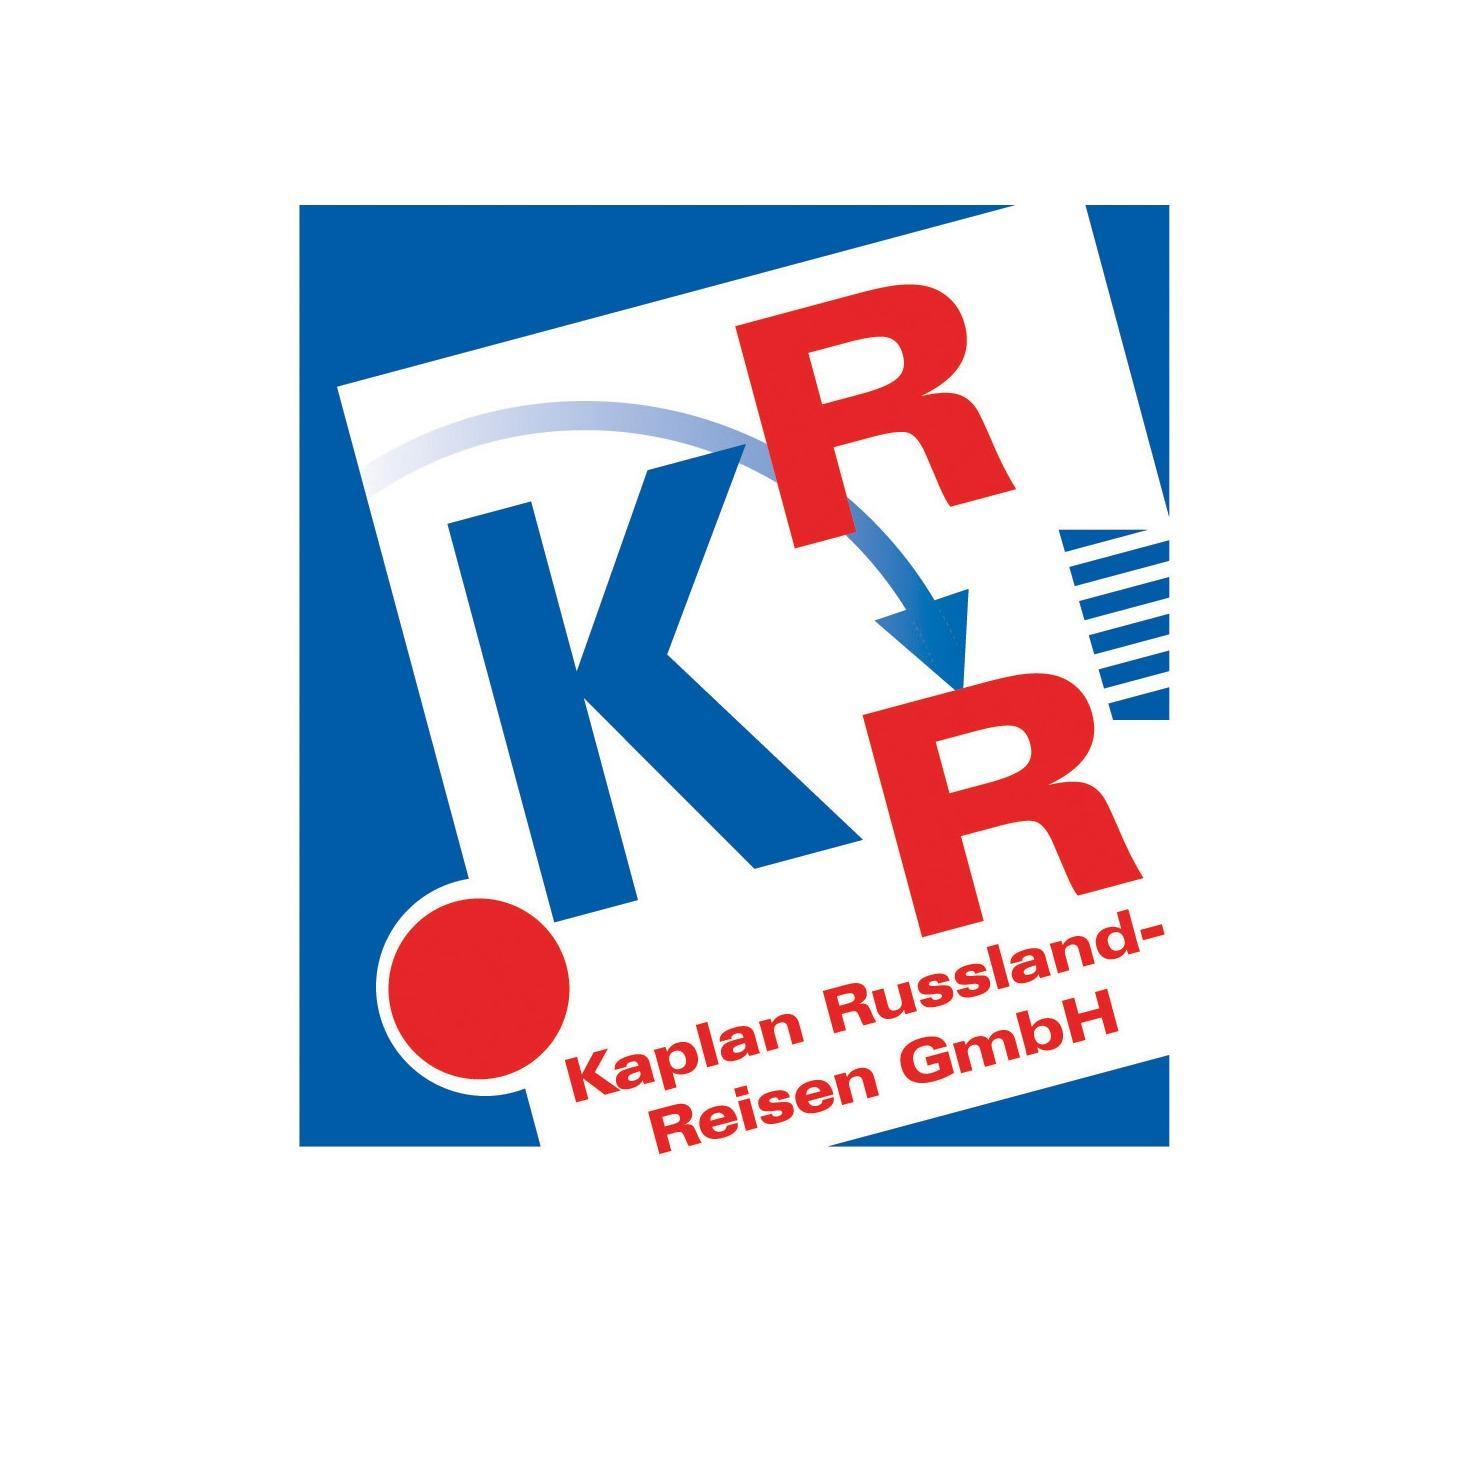 Bild zu Kaplan Russland-Reisen GmbH in Köln